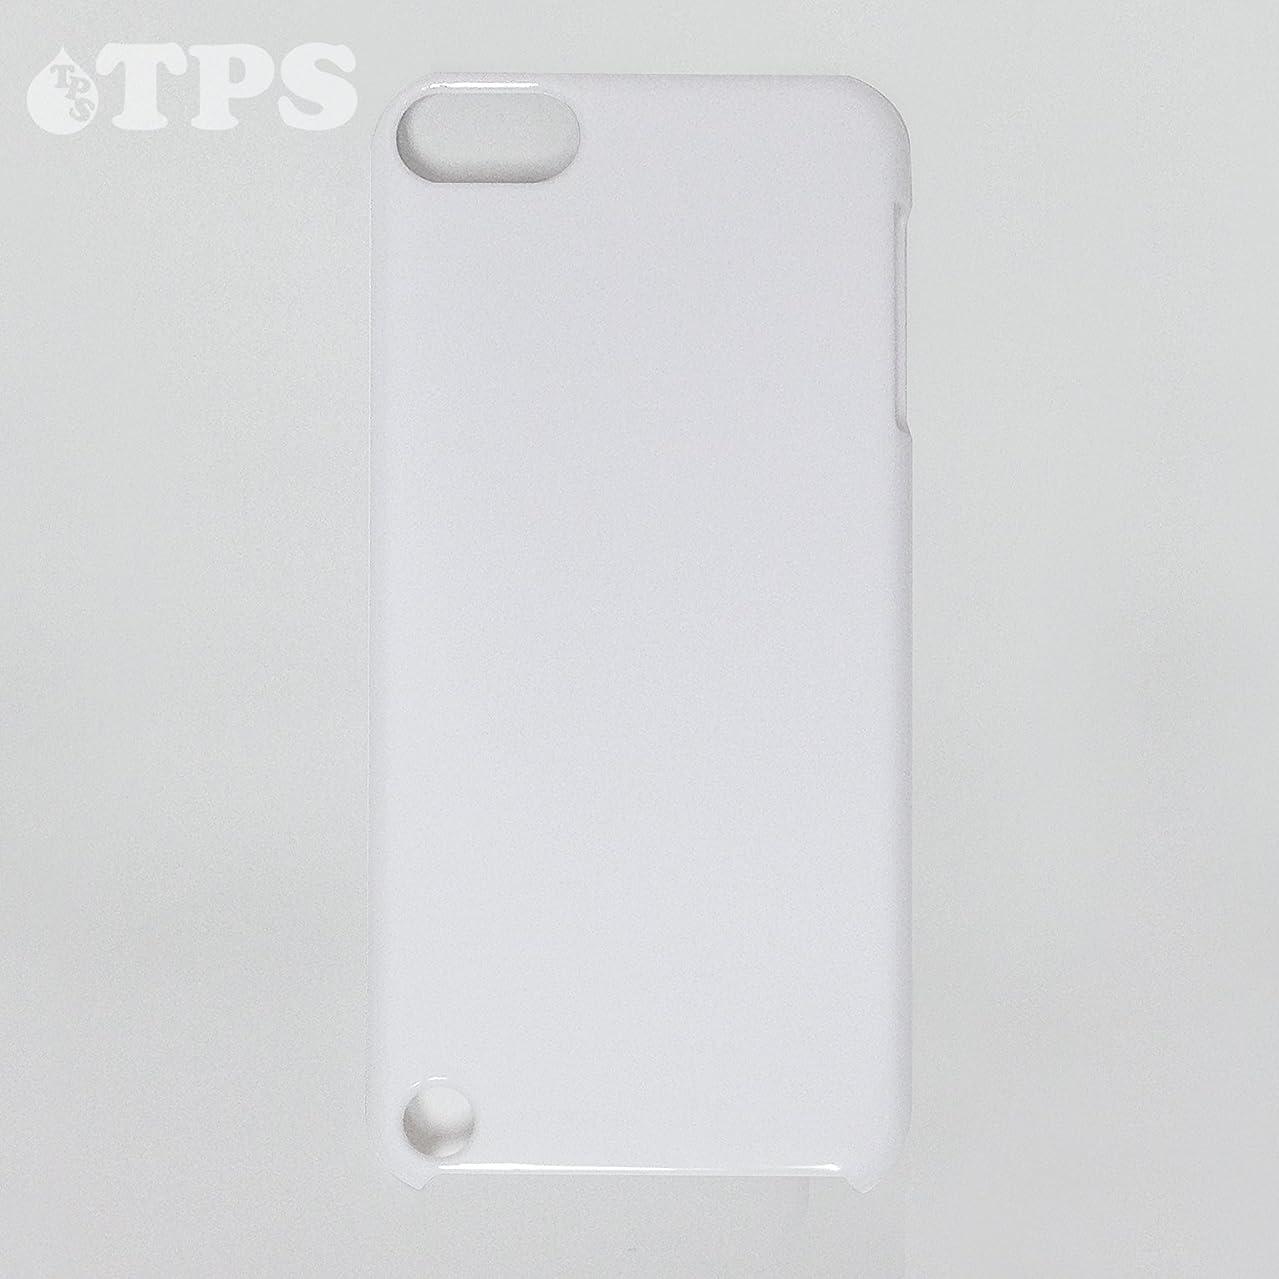 許容技術すでにiPod touch 第5世代 ケース(ホワイト)【TPSbA】ハードケース ホワイト